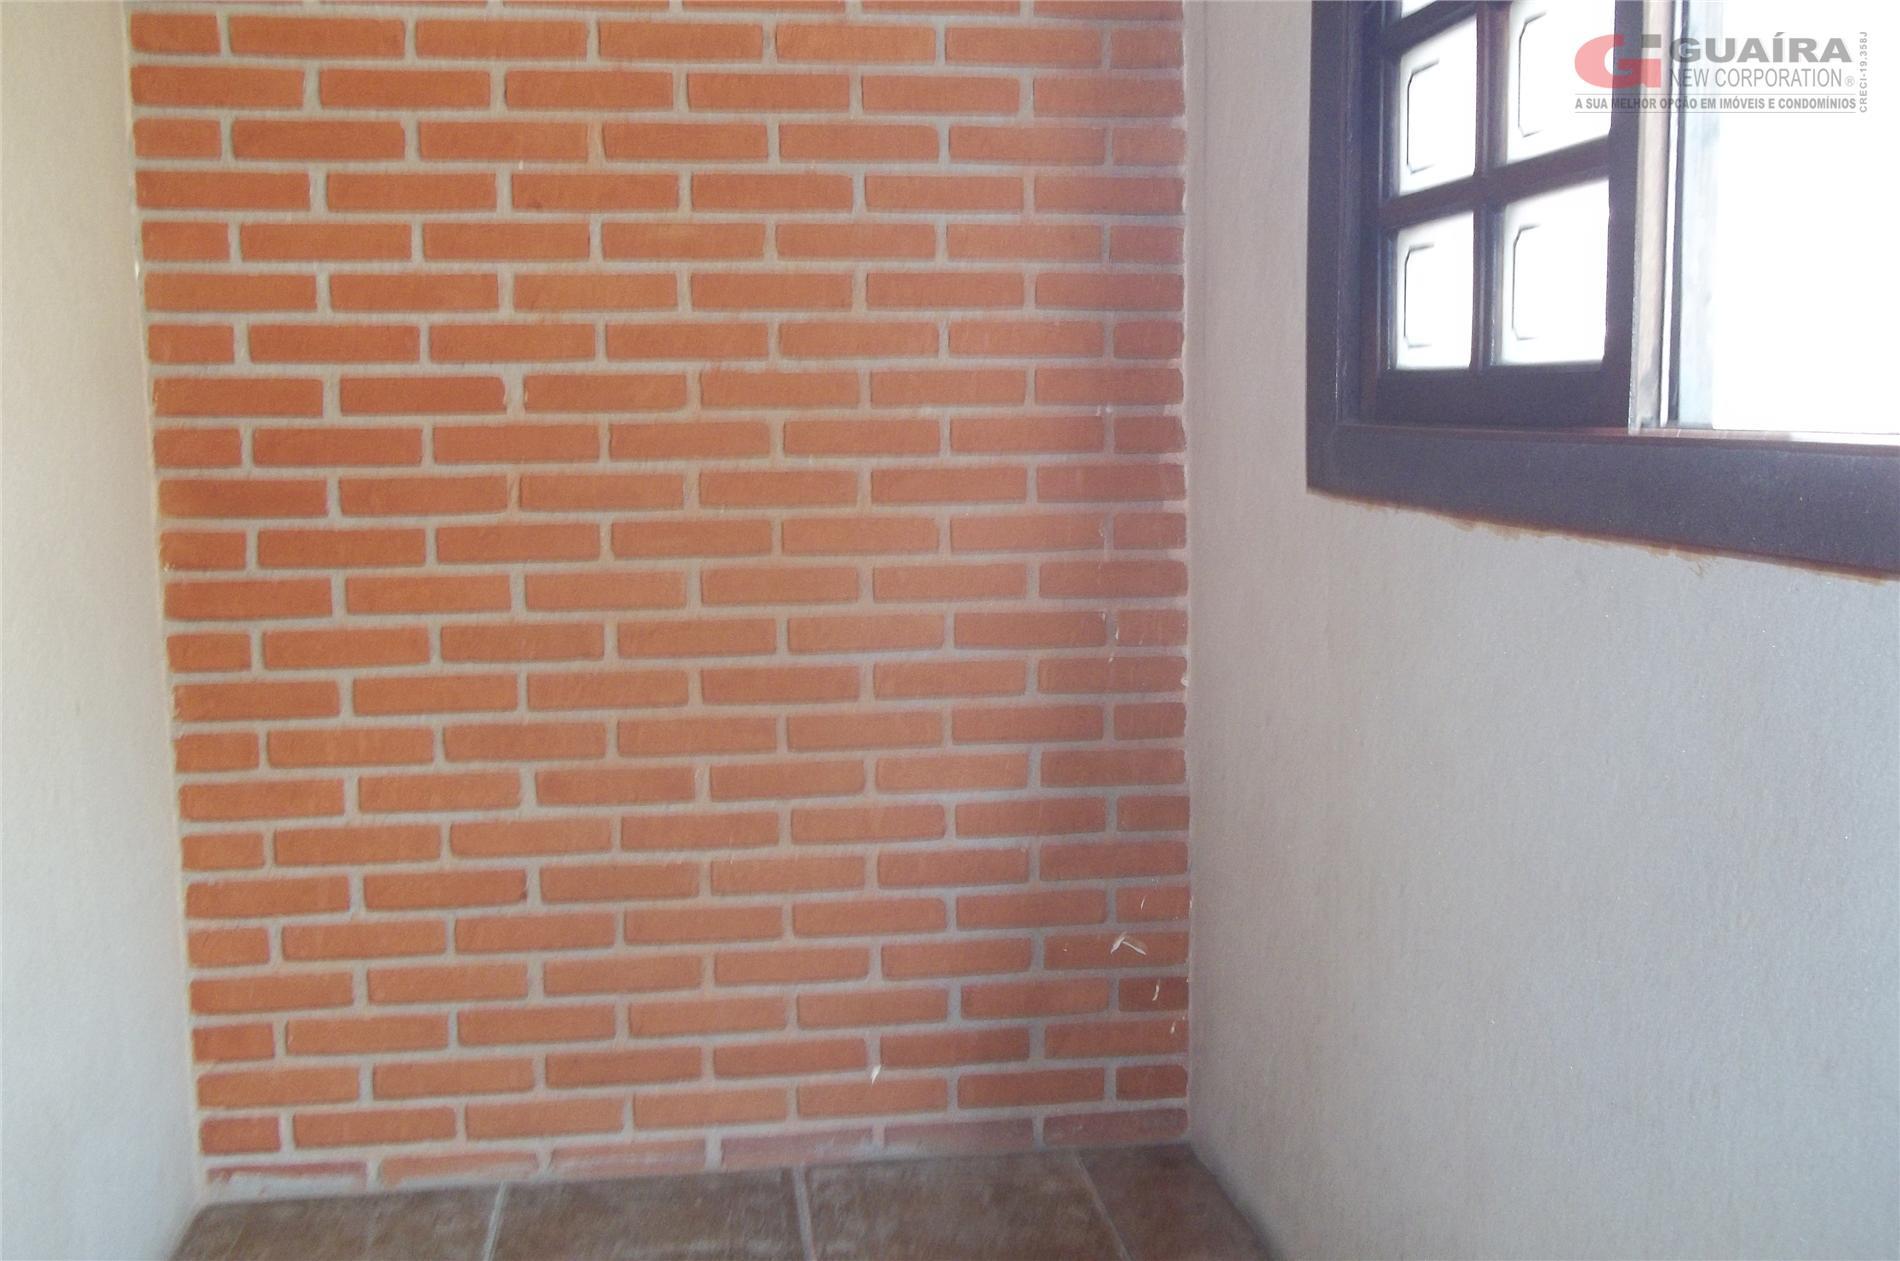 Sobrado de 4 dormitórios à venda em Parque Dos Pássaros, São Bernardo Do Campo - SP